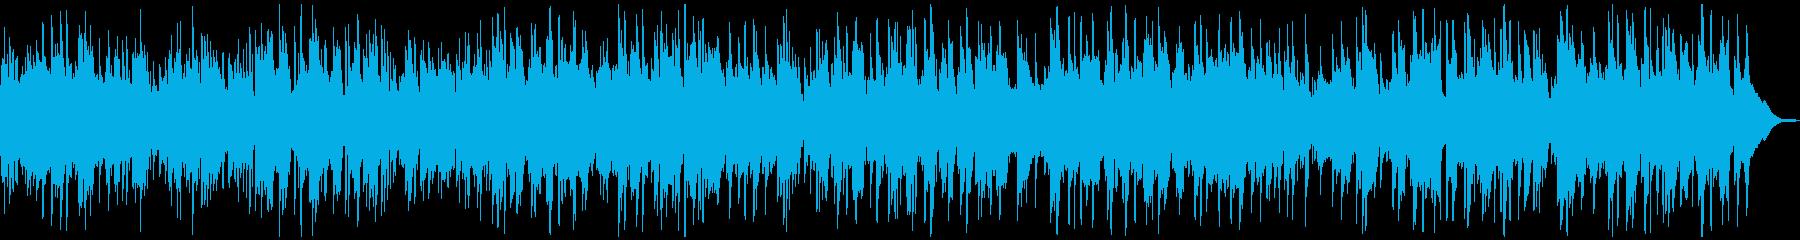 眠りつく前に聴きたいケルティックワルツの再生済みの波形